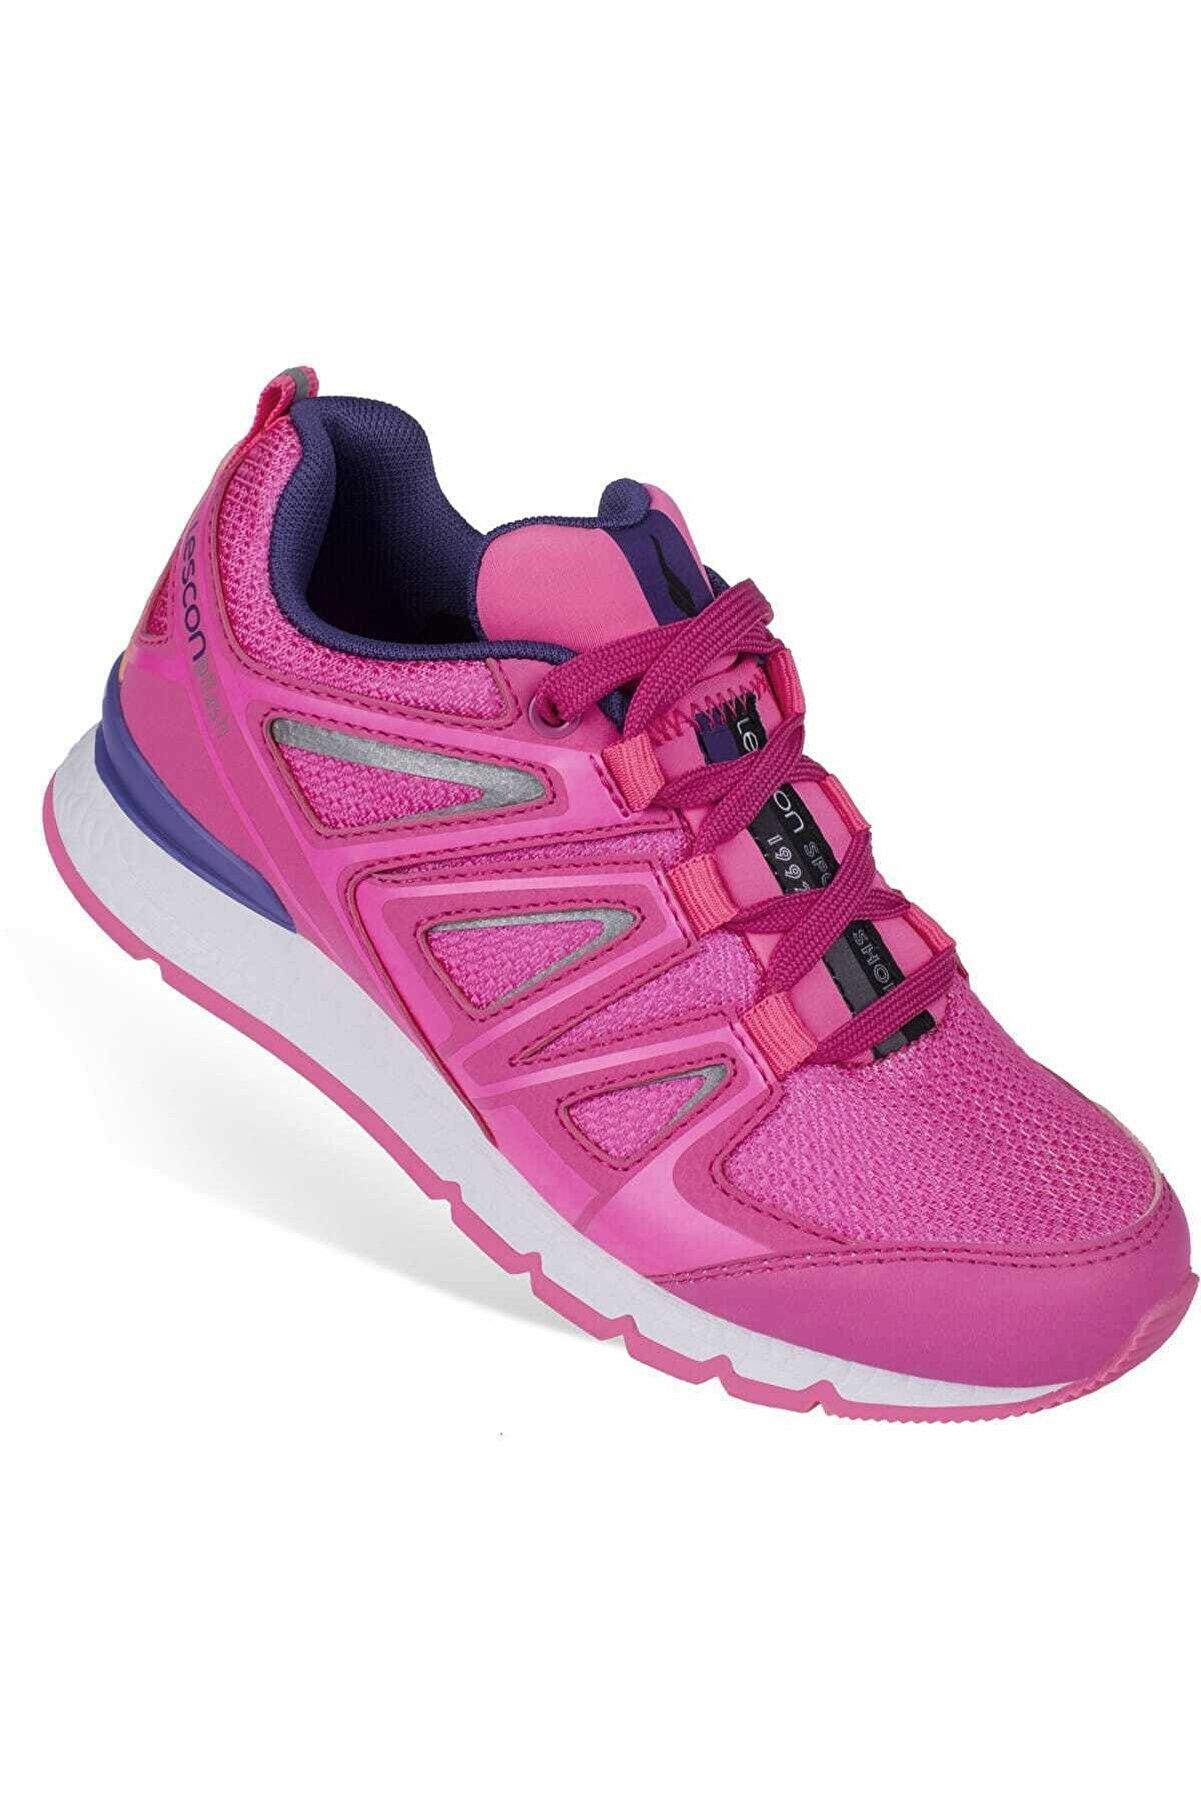 Lescon Fuşya Çocuk Sneakers Ayakkabı